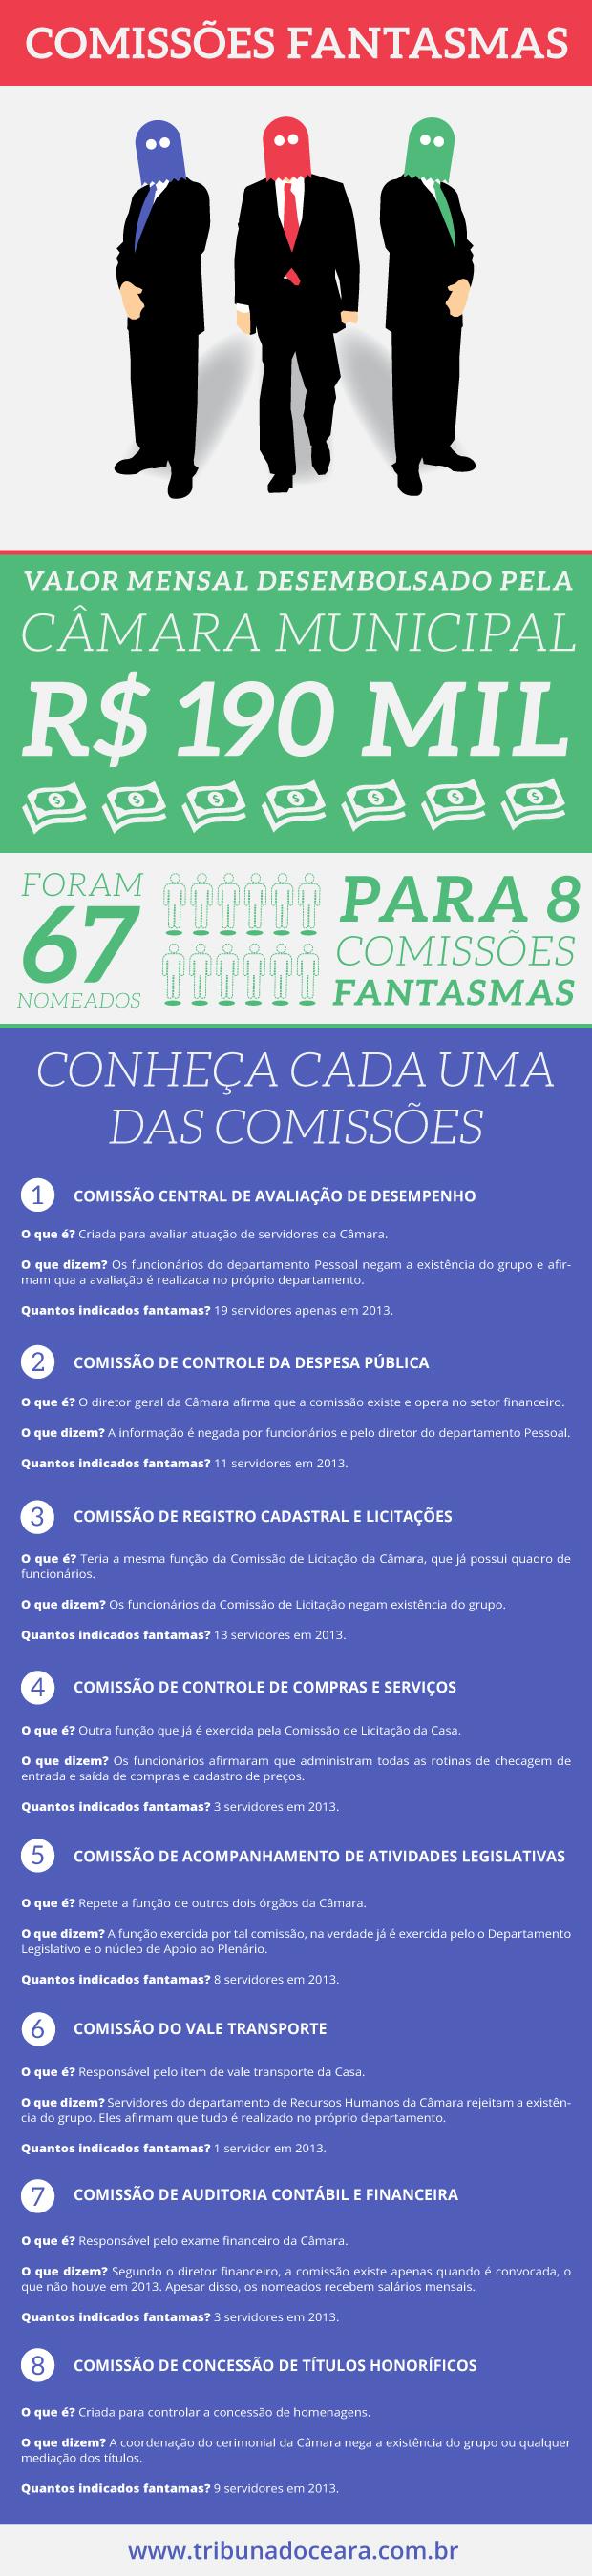 Oito comissões fantasmas foram criadas na Câmara Municipal de Fortaleza e oficializadas em documentos do Diário Oficial do Município neste ano, custando quase R$ 190 mil aos cofres públicos.